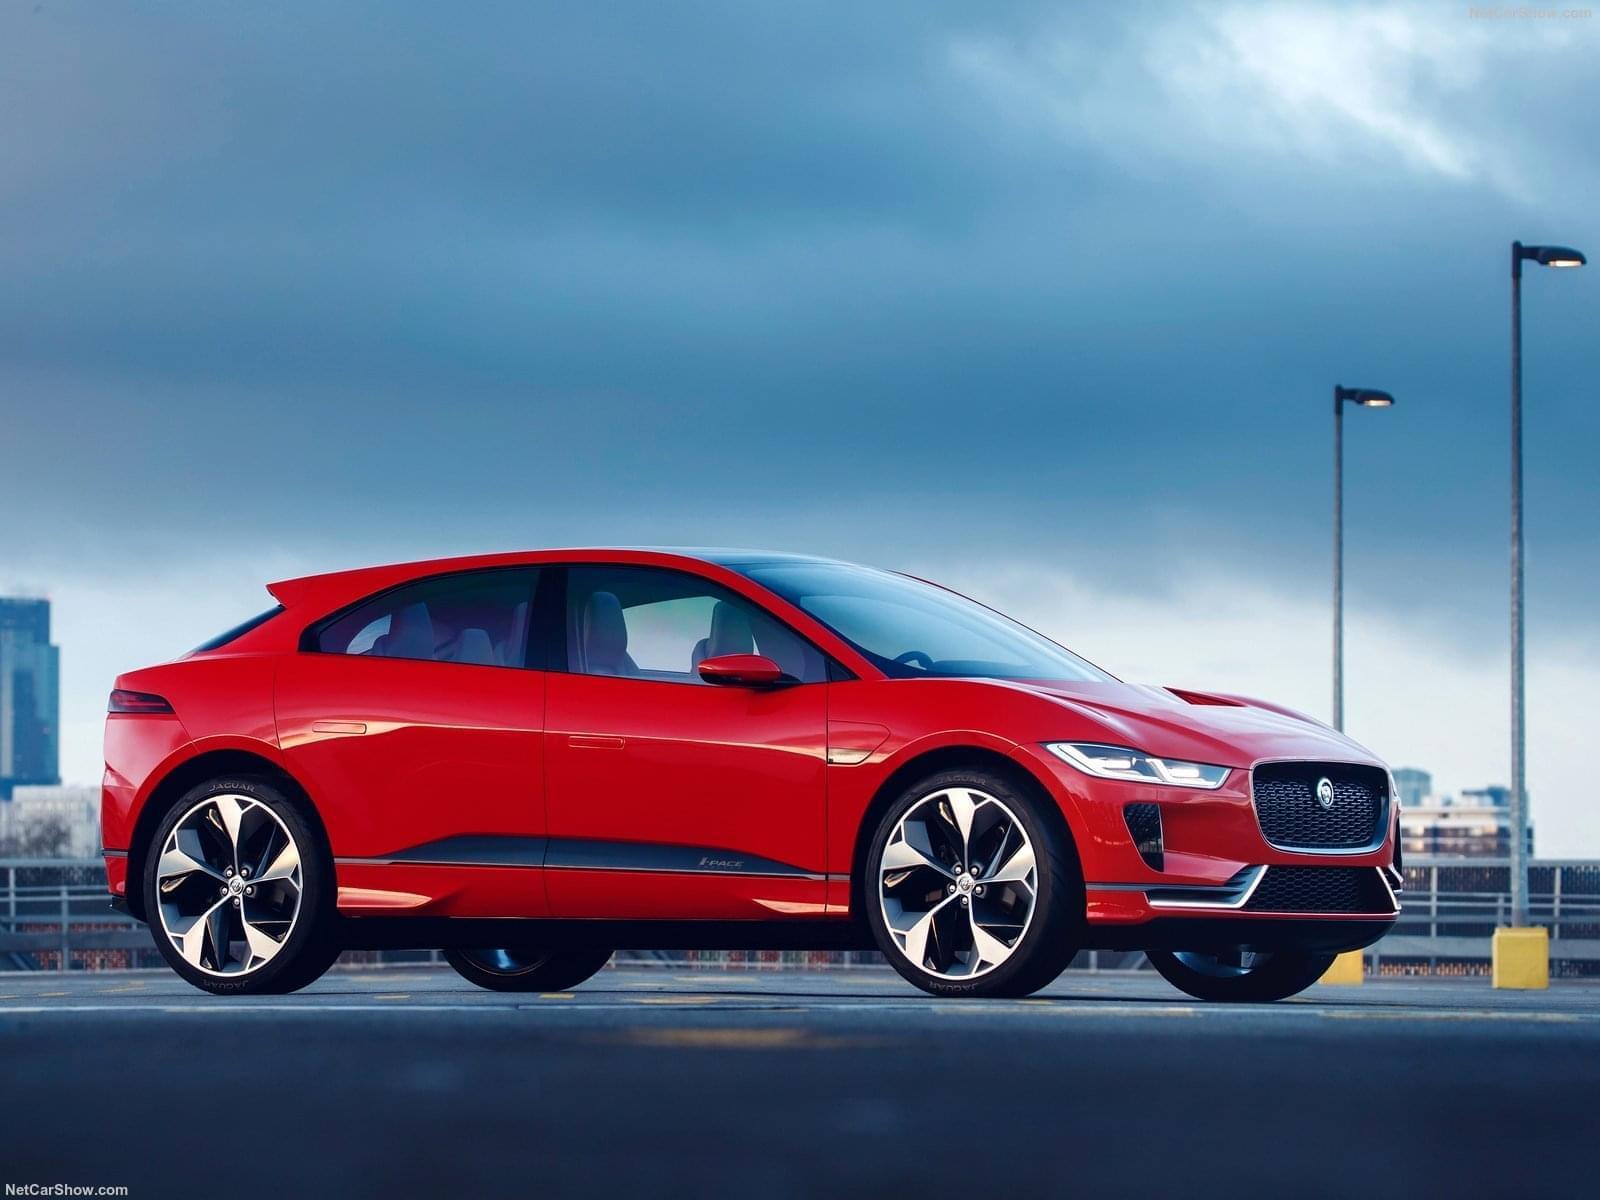 捷豹I-Pace概念车——普通情况下,捷豹概念车于量产版本都十分接近,希望此次FUTURE-TYPE能够给我们带来更多惊喜